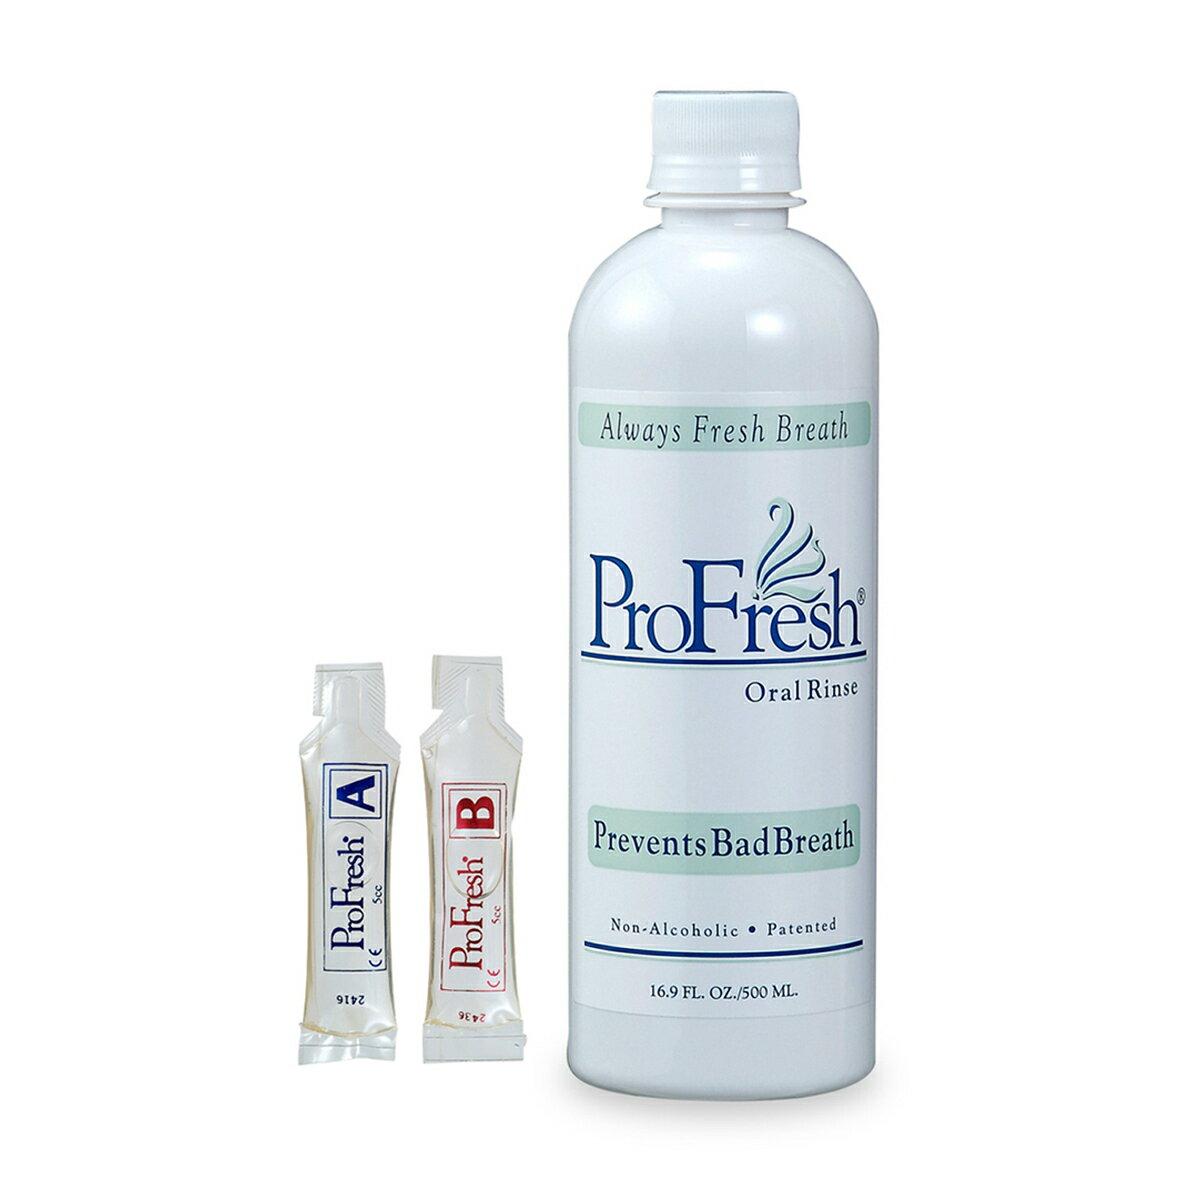 オーラルケア マウスウォッシュ CLO2 プロフレッシュ オーラルリンス 口臭 対策 予防 酸素 長時間予防 ProFresh